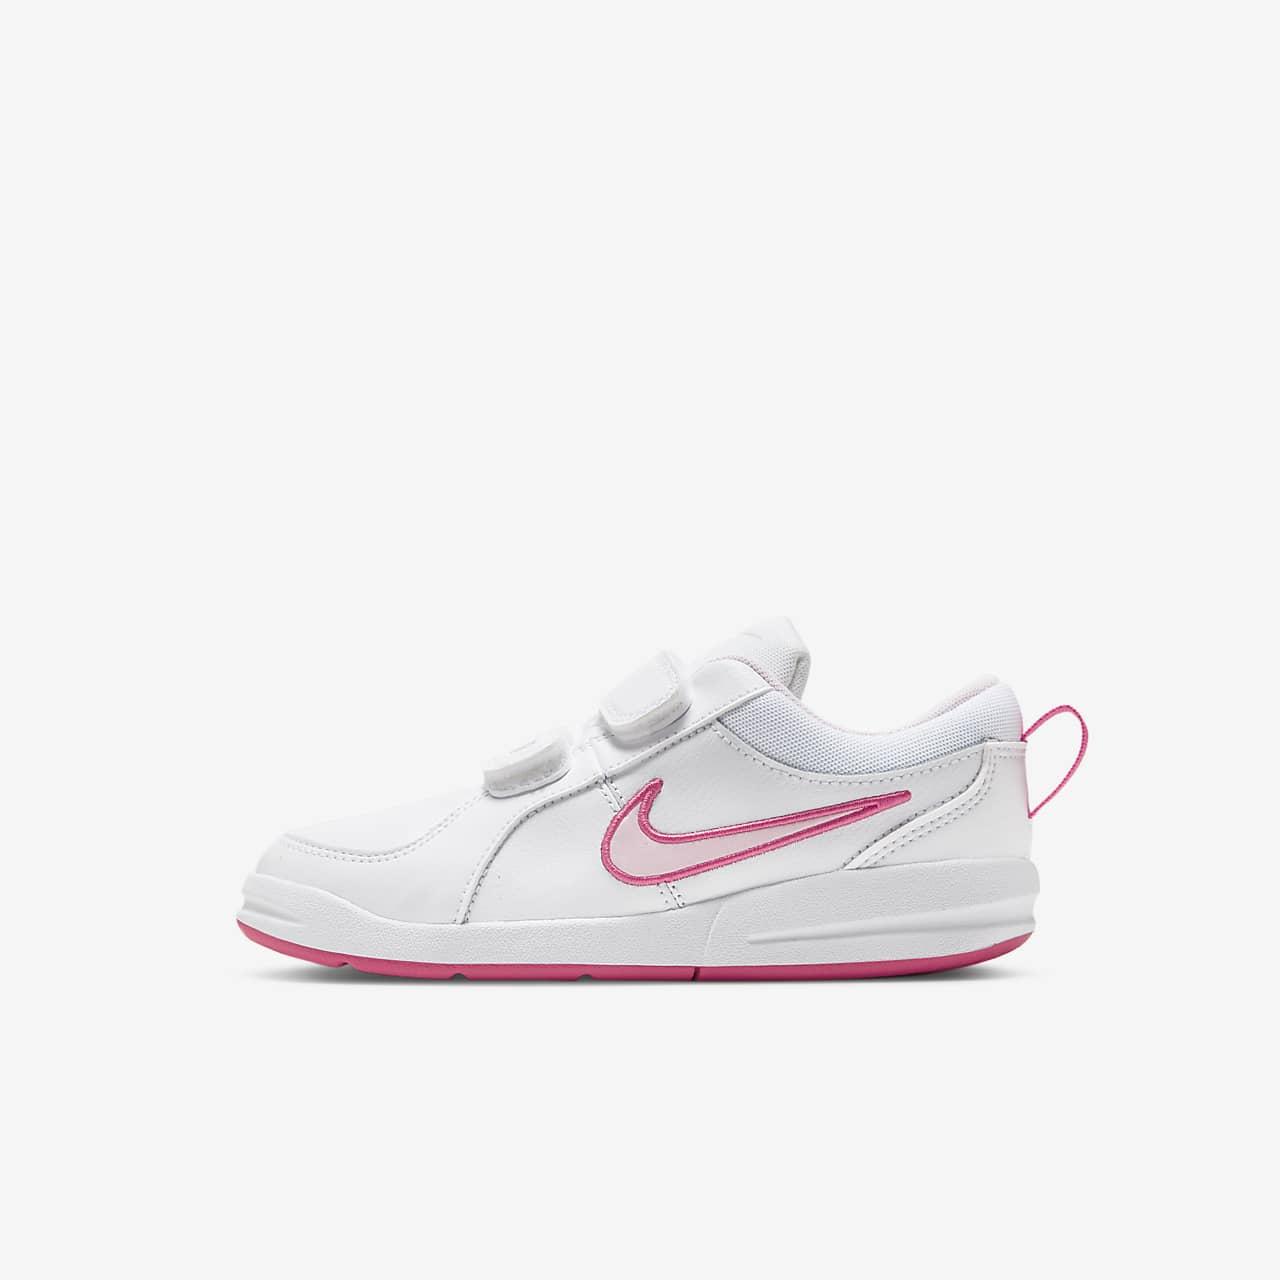 148c2bd132e Παπούτσι για μικρά κορίτσια Nike Pico 4. Nike.com GR